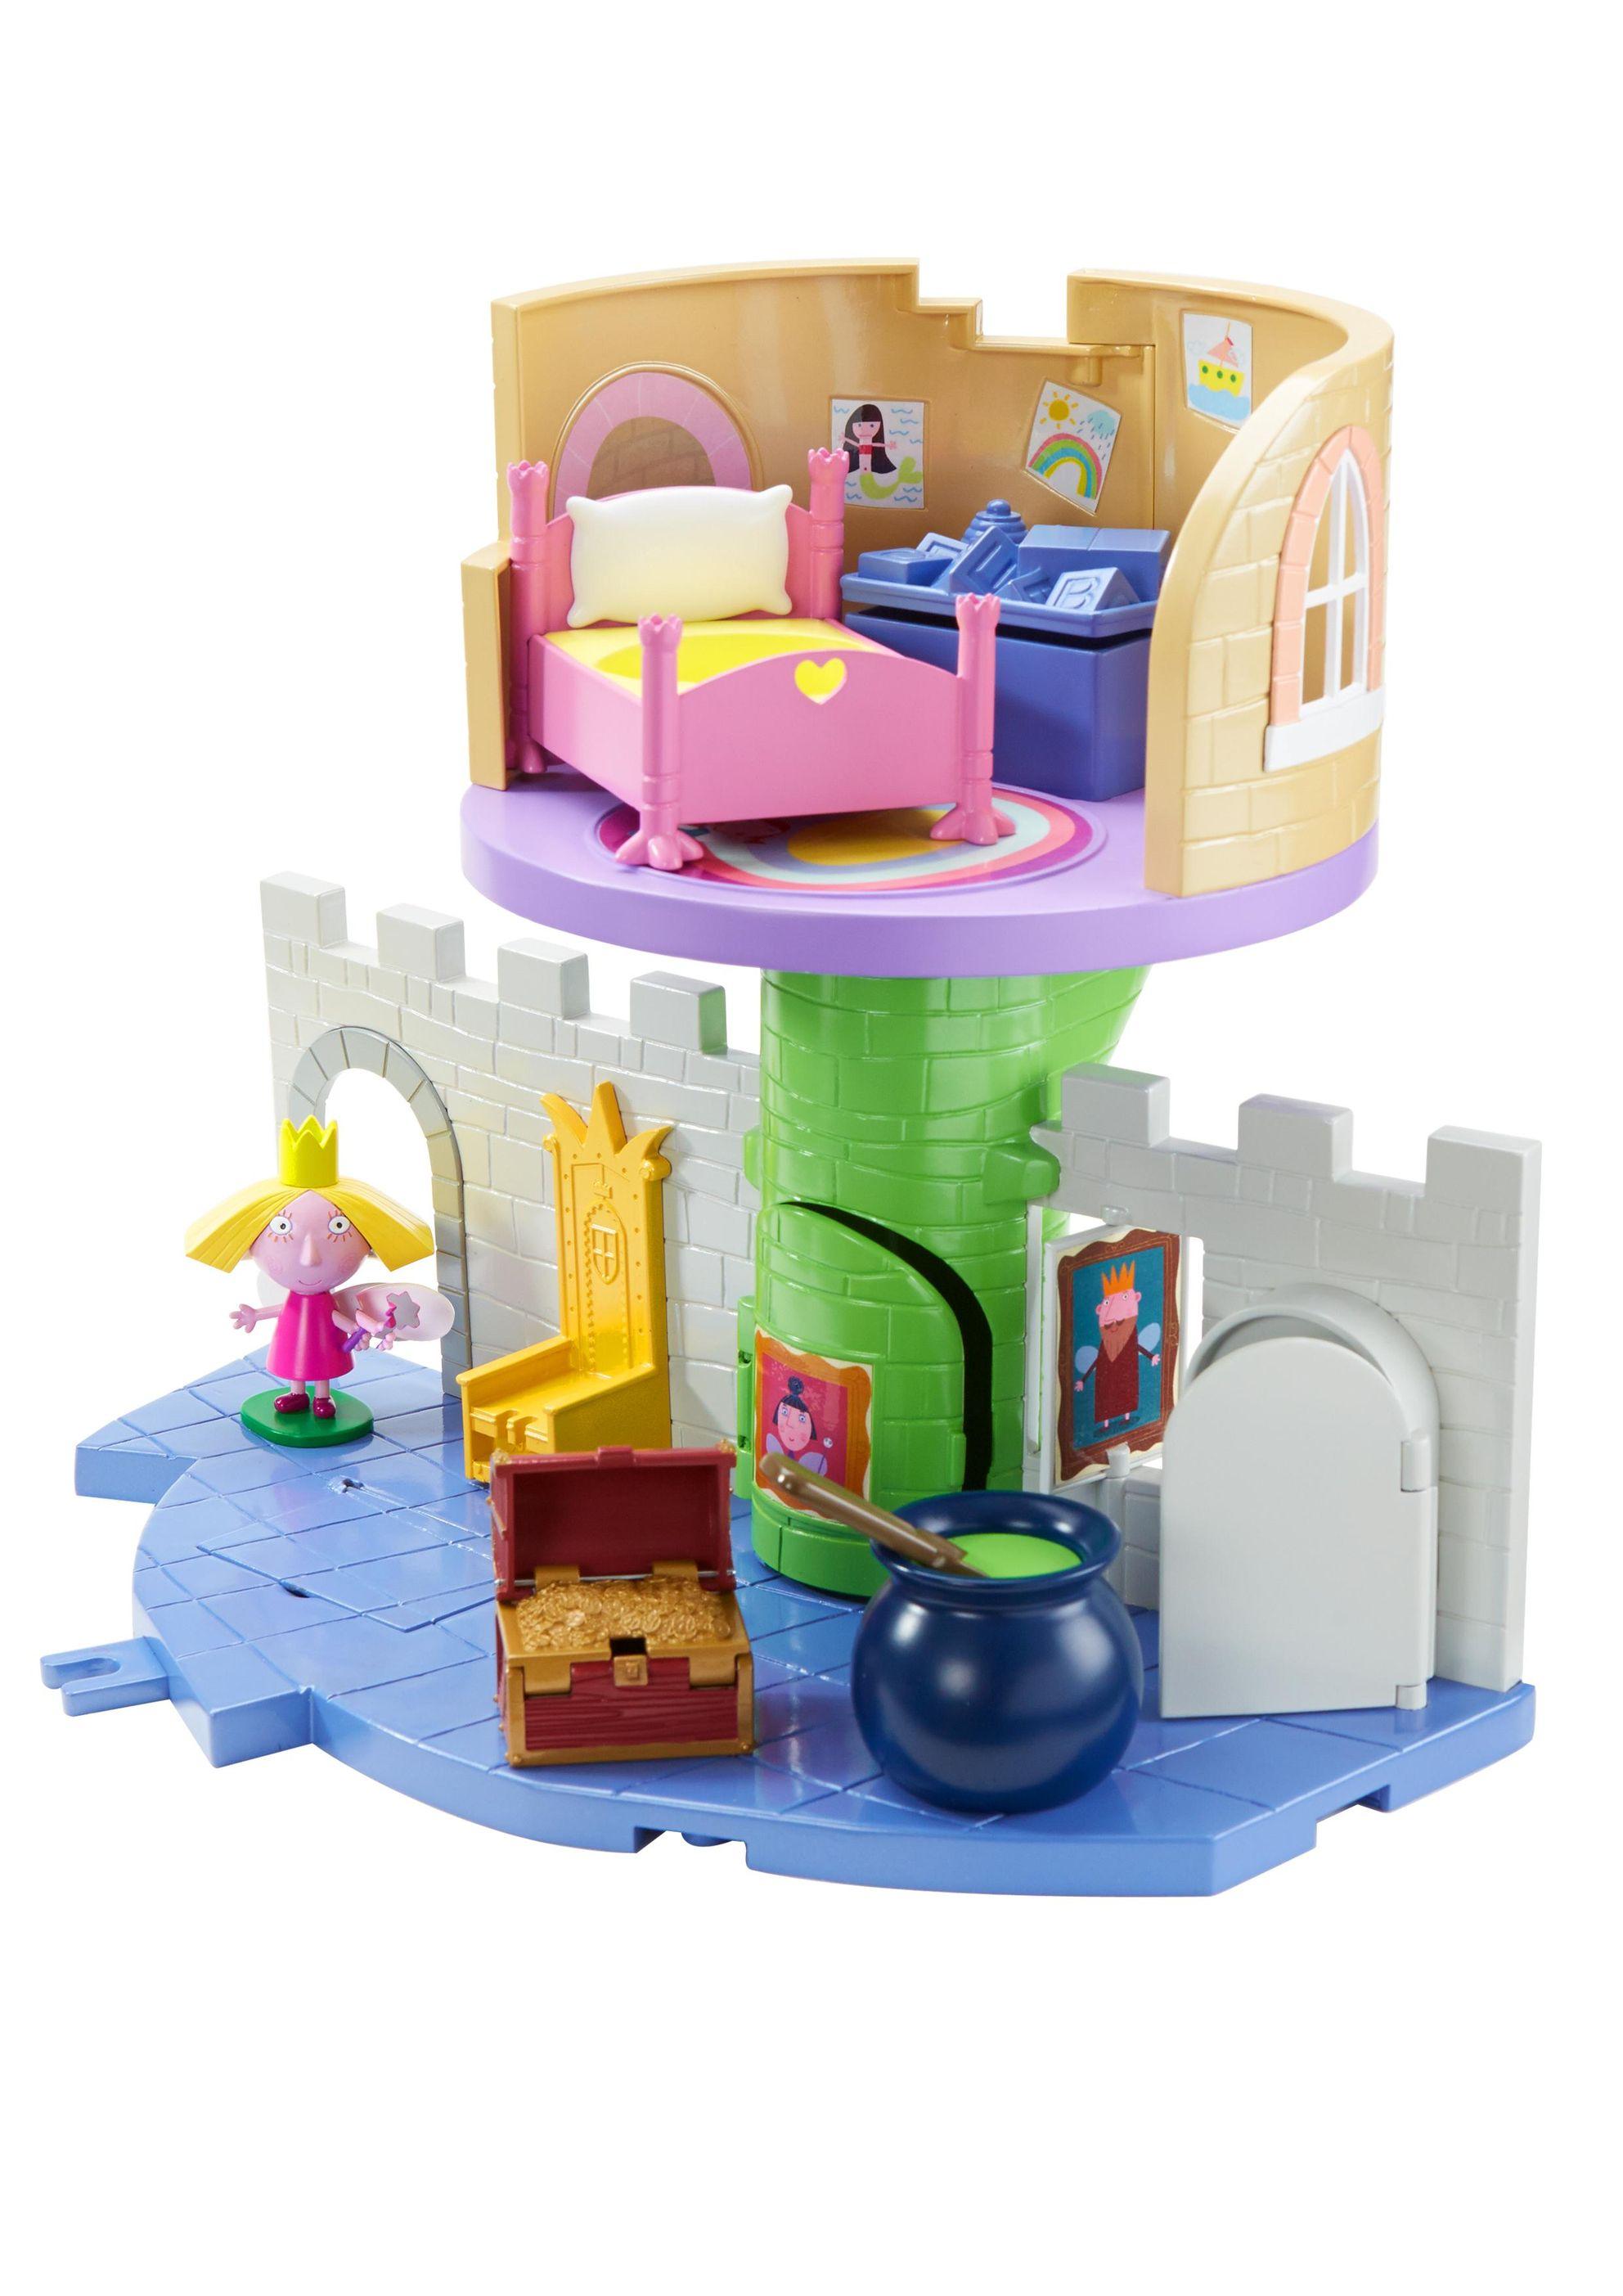 Игровой набор  Волшебный замок с фигуркой Холли из серии Маленькое королевство Бена и Холли - Маленькое королевство Бена и Холли, артикул: 142828